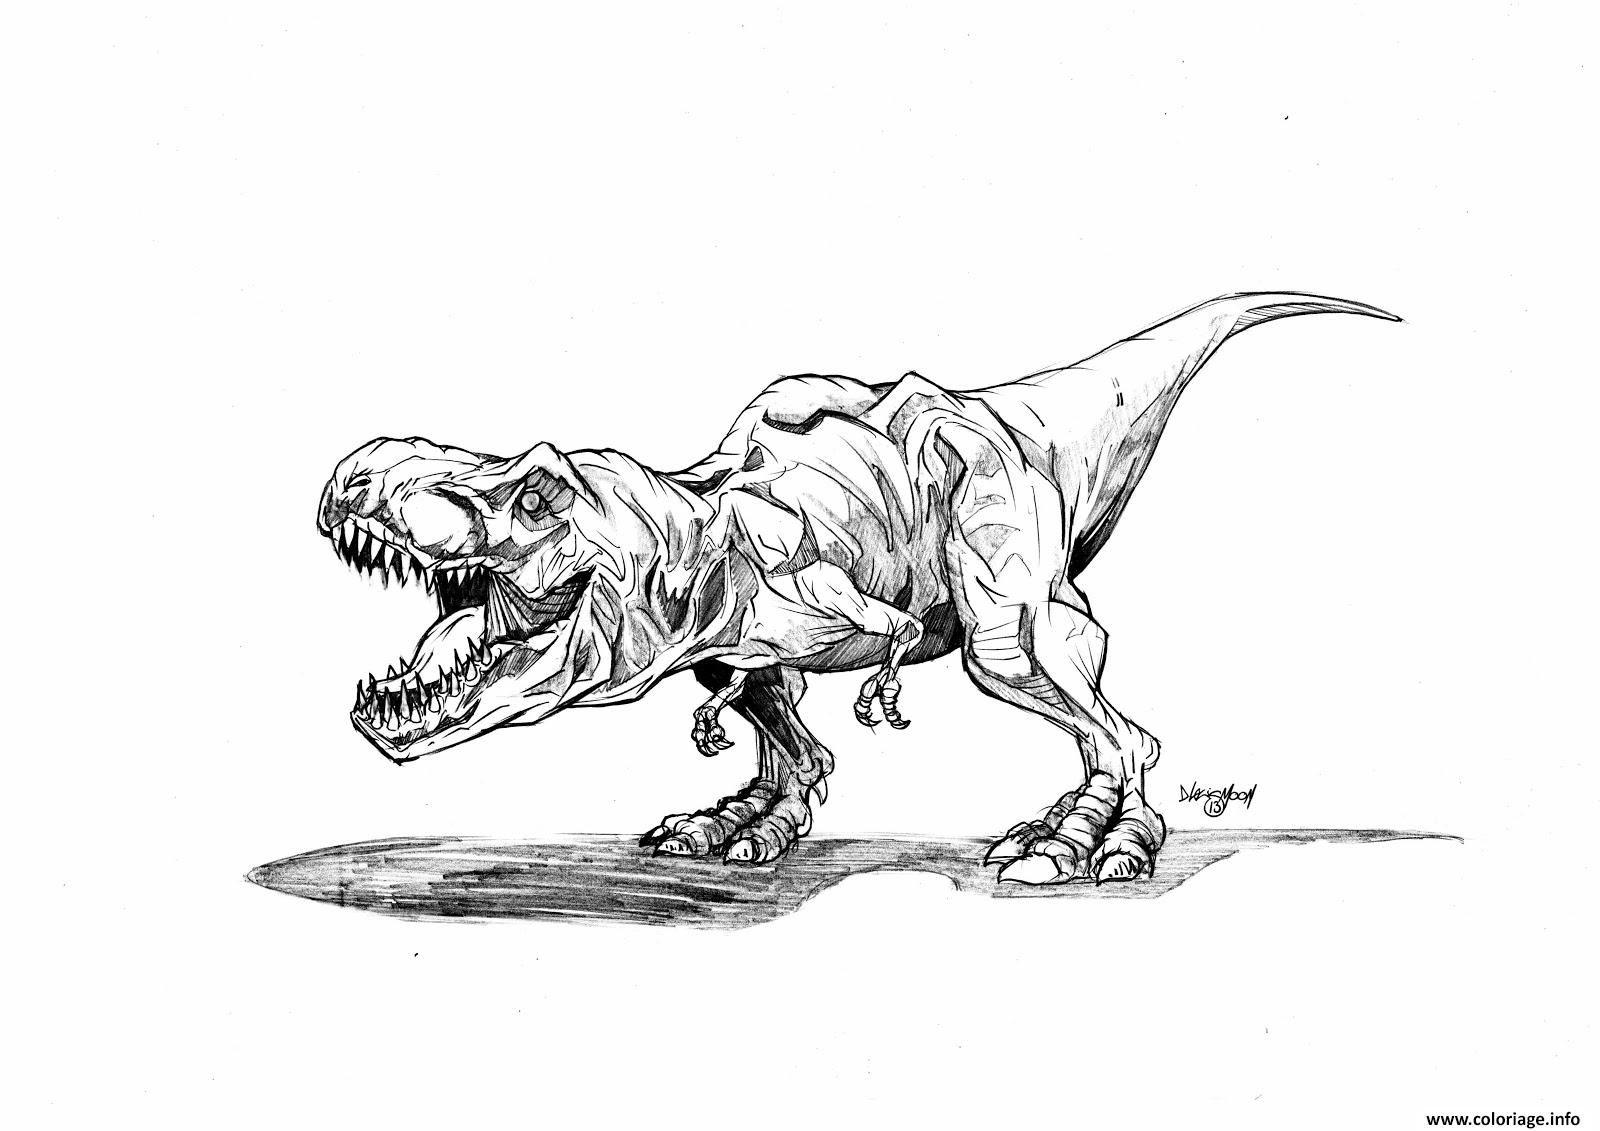 Coloriage jurassic park trex dessin dessin de tyrannosaure rex l enfants - Tyrannosaure a colorier ...